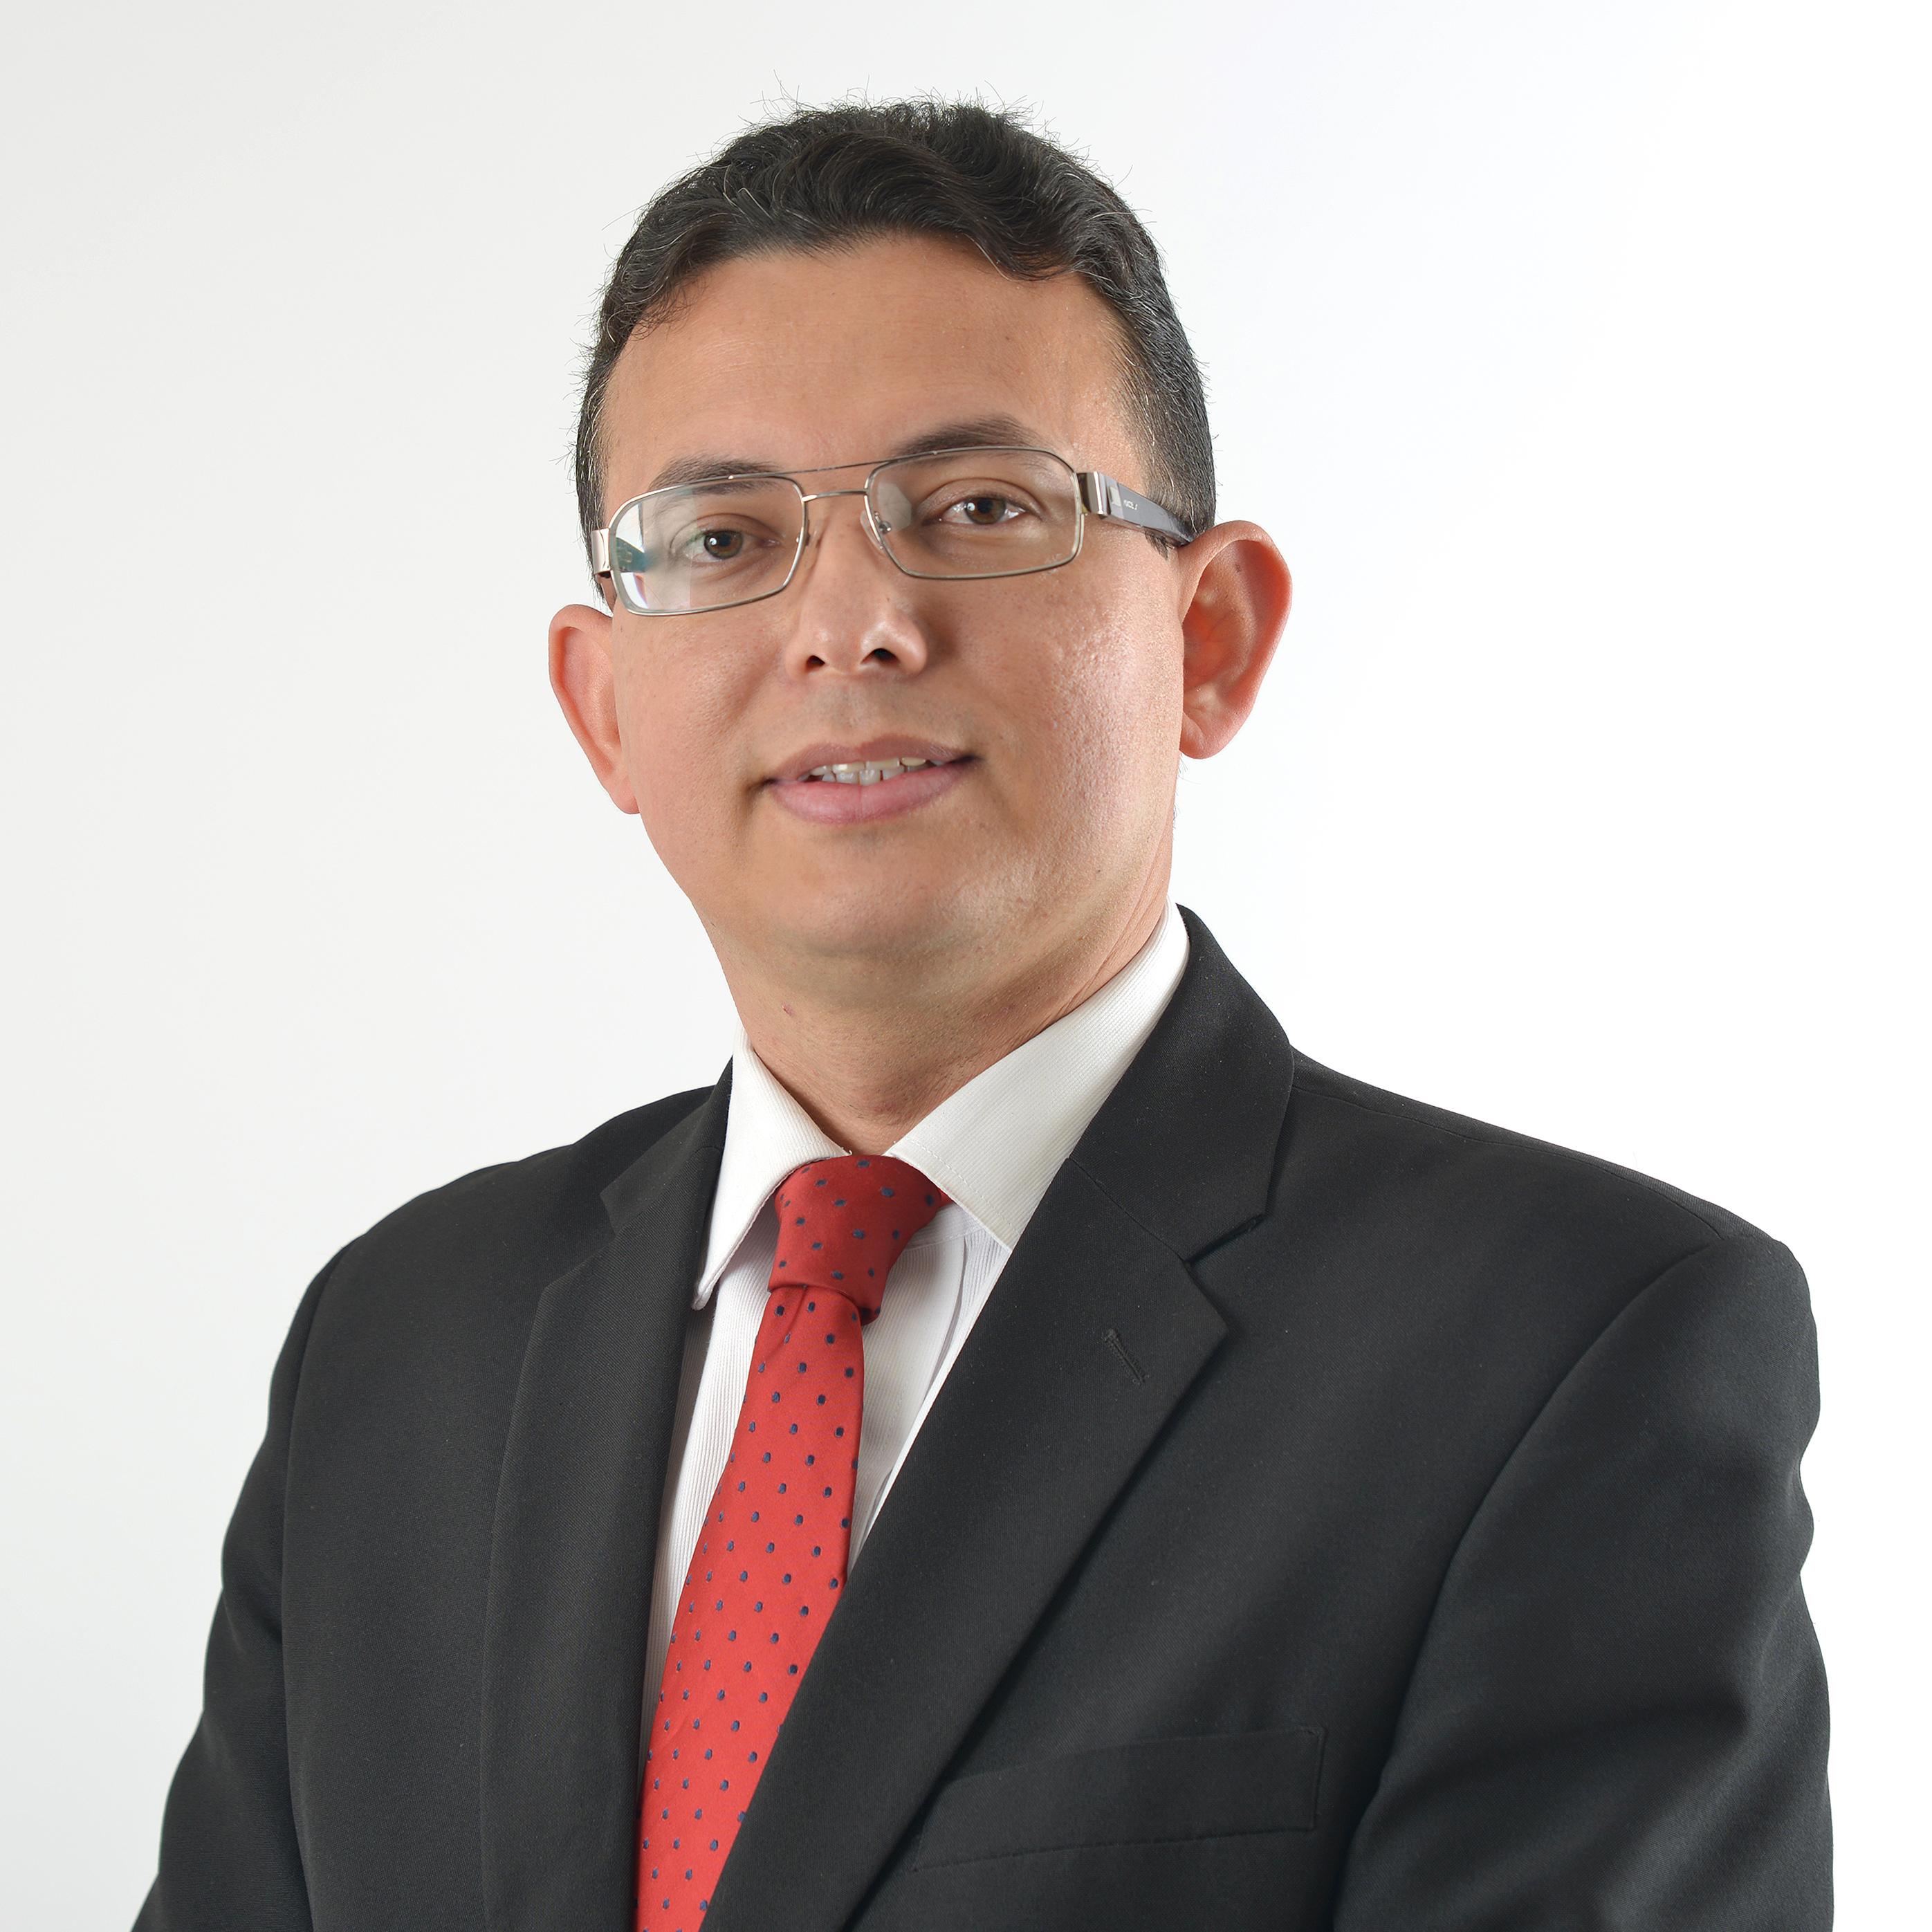 José Luiz Florêncio Souza